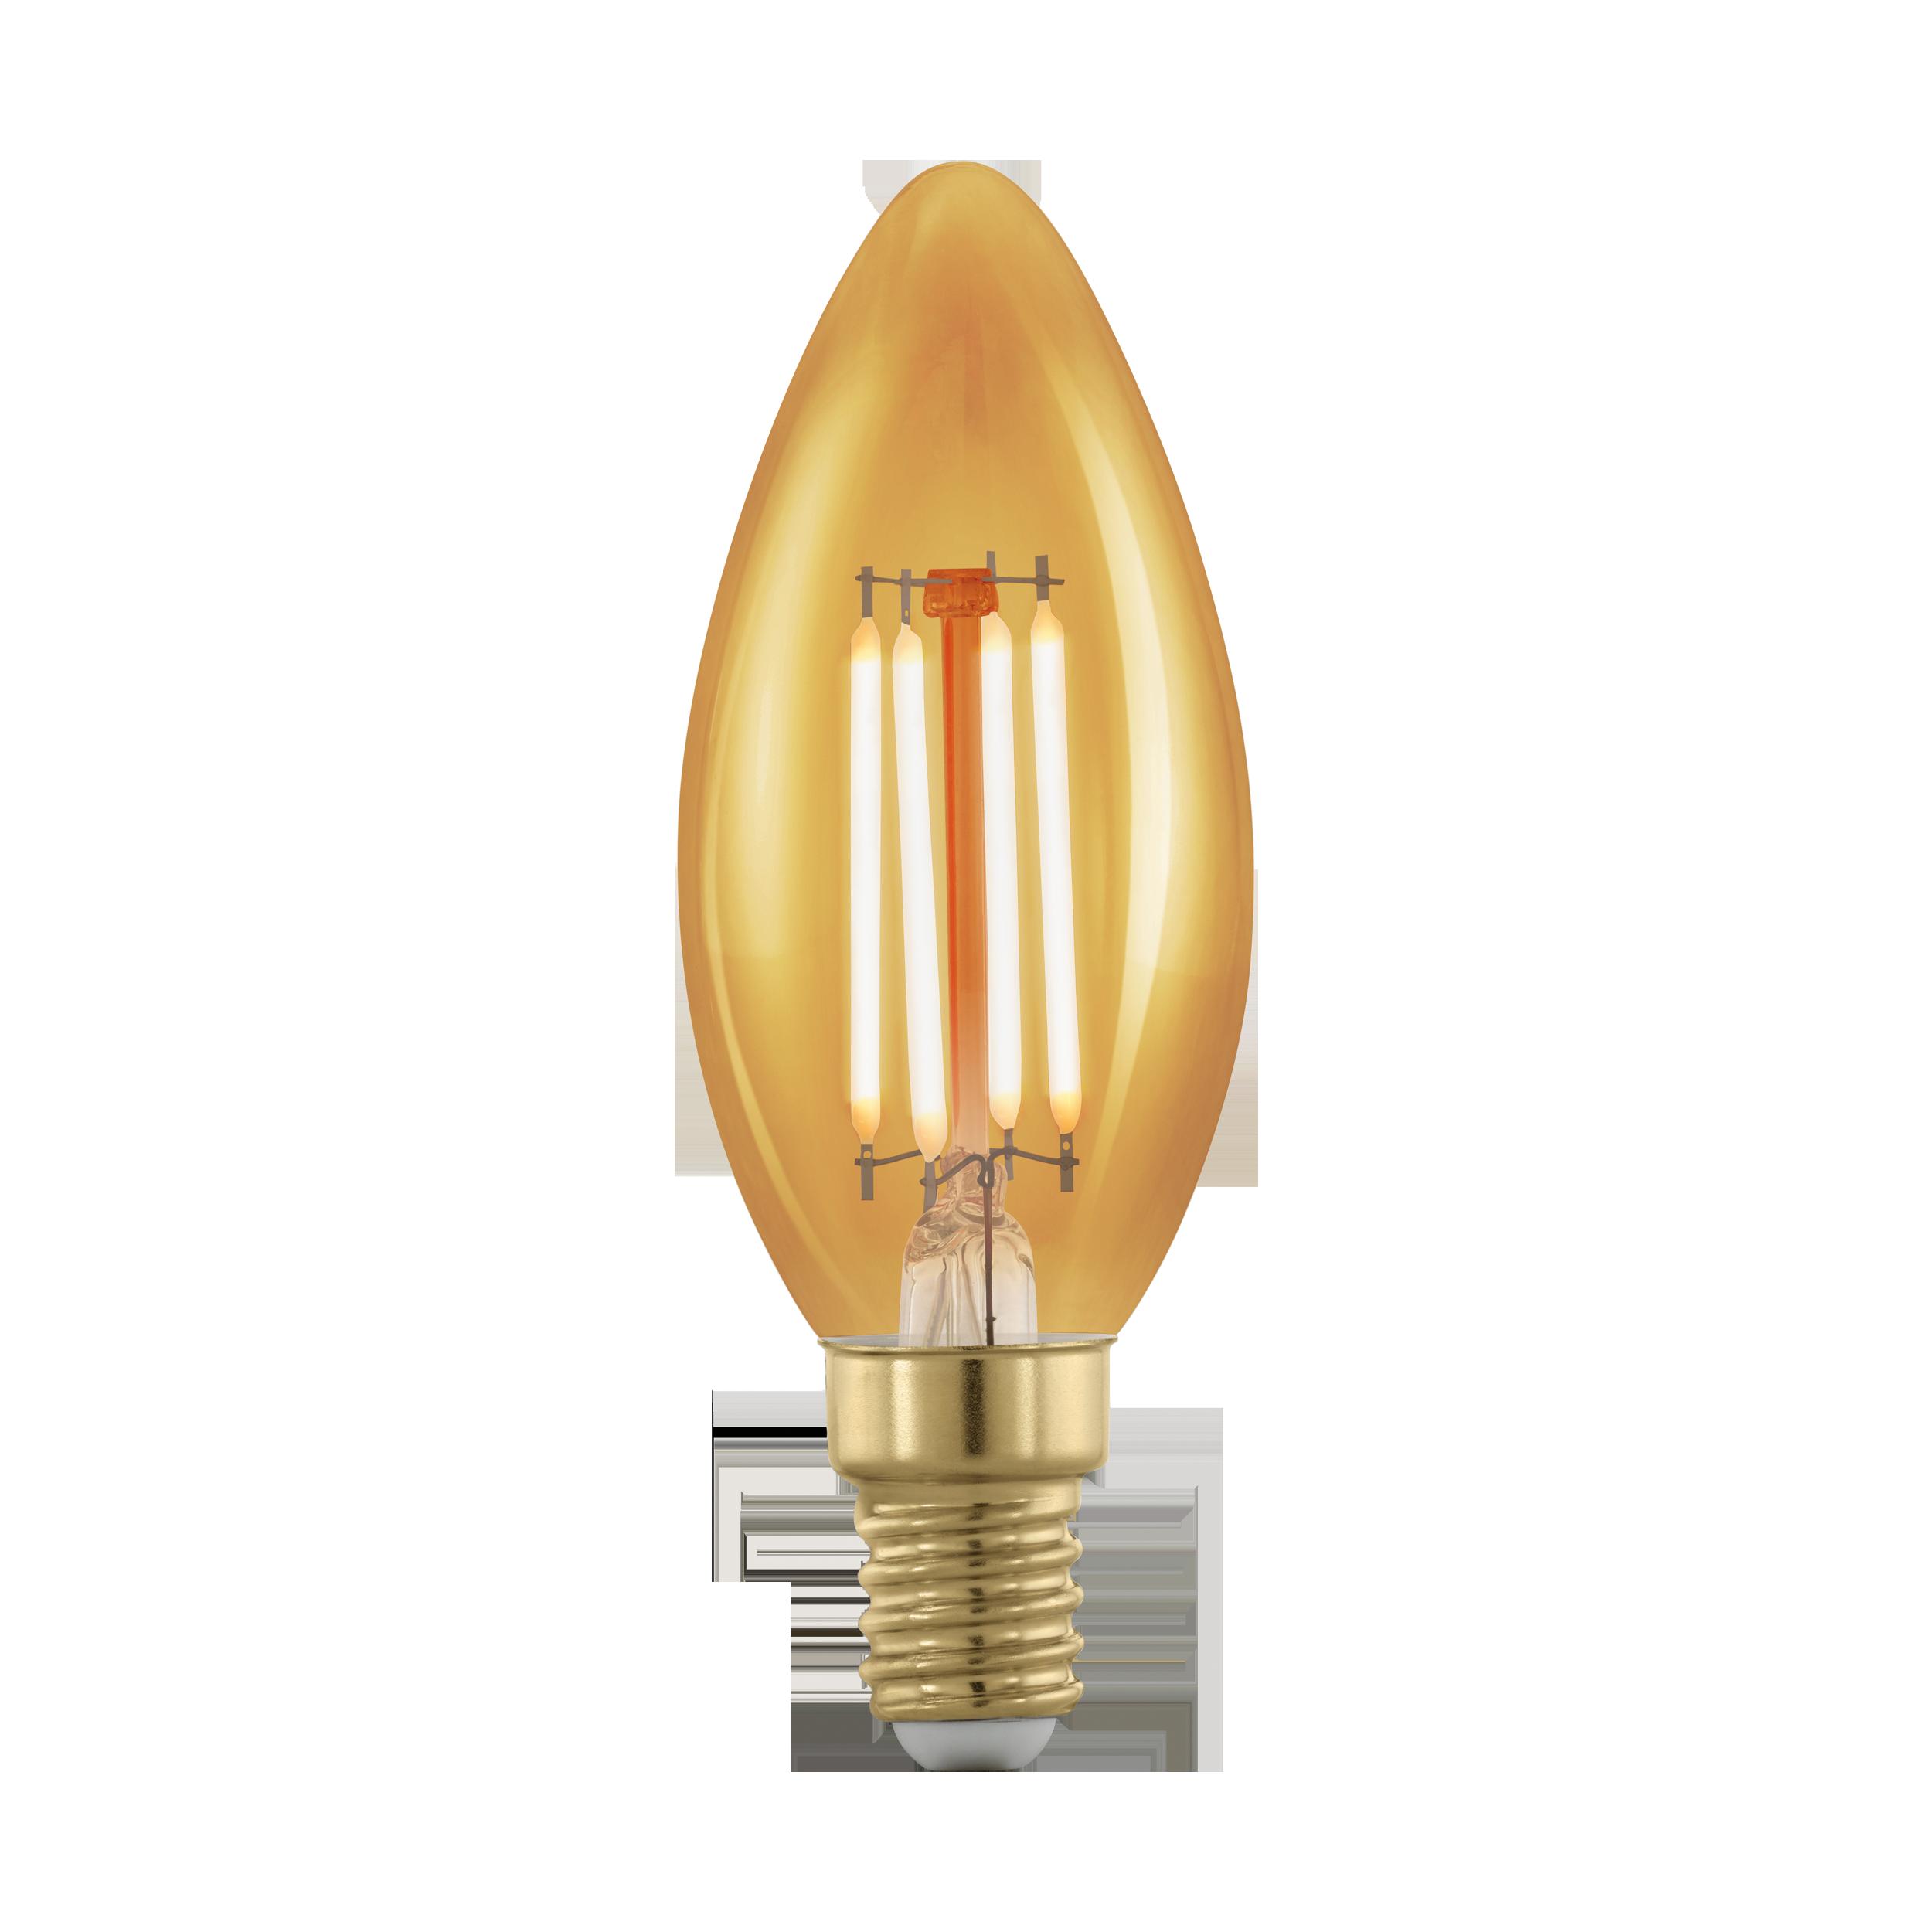 Филаментная светодиодная лампа Eglo 11698 E14 4W, диммируемая - фото 1